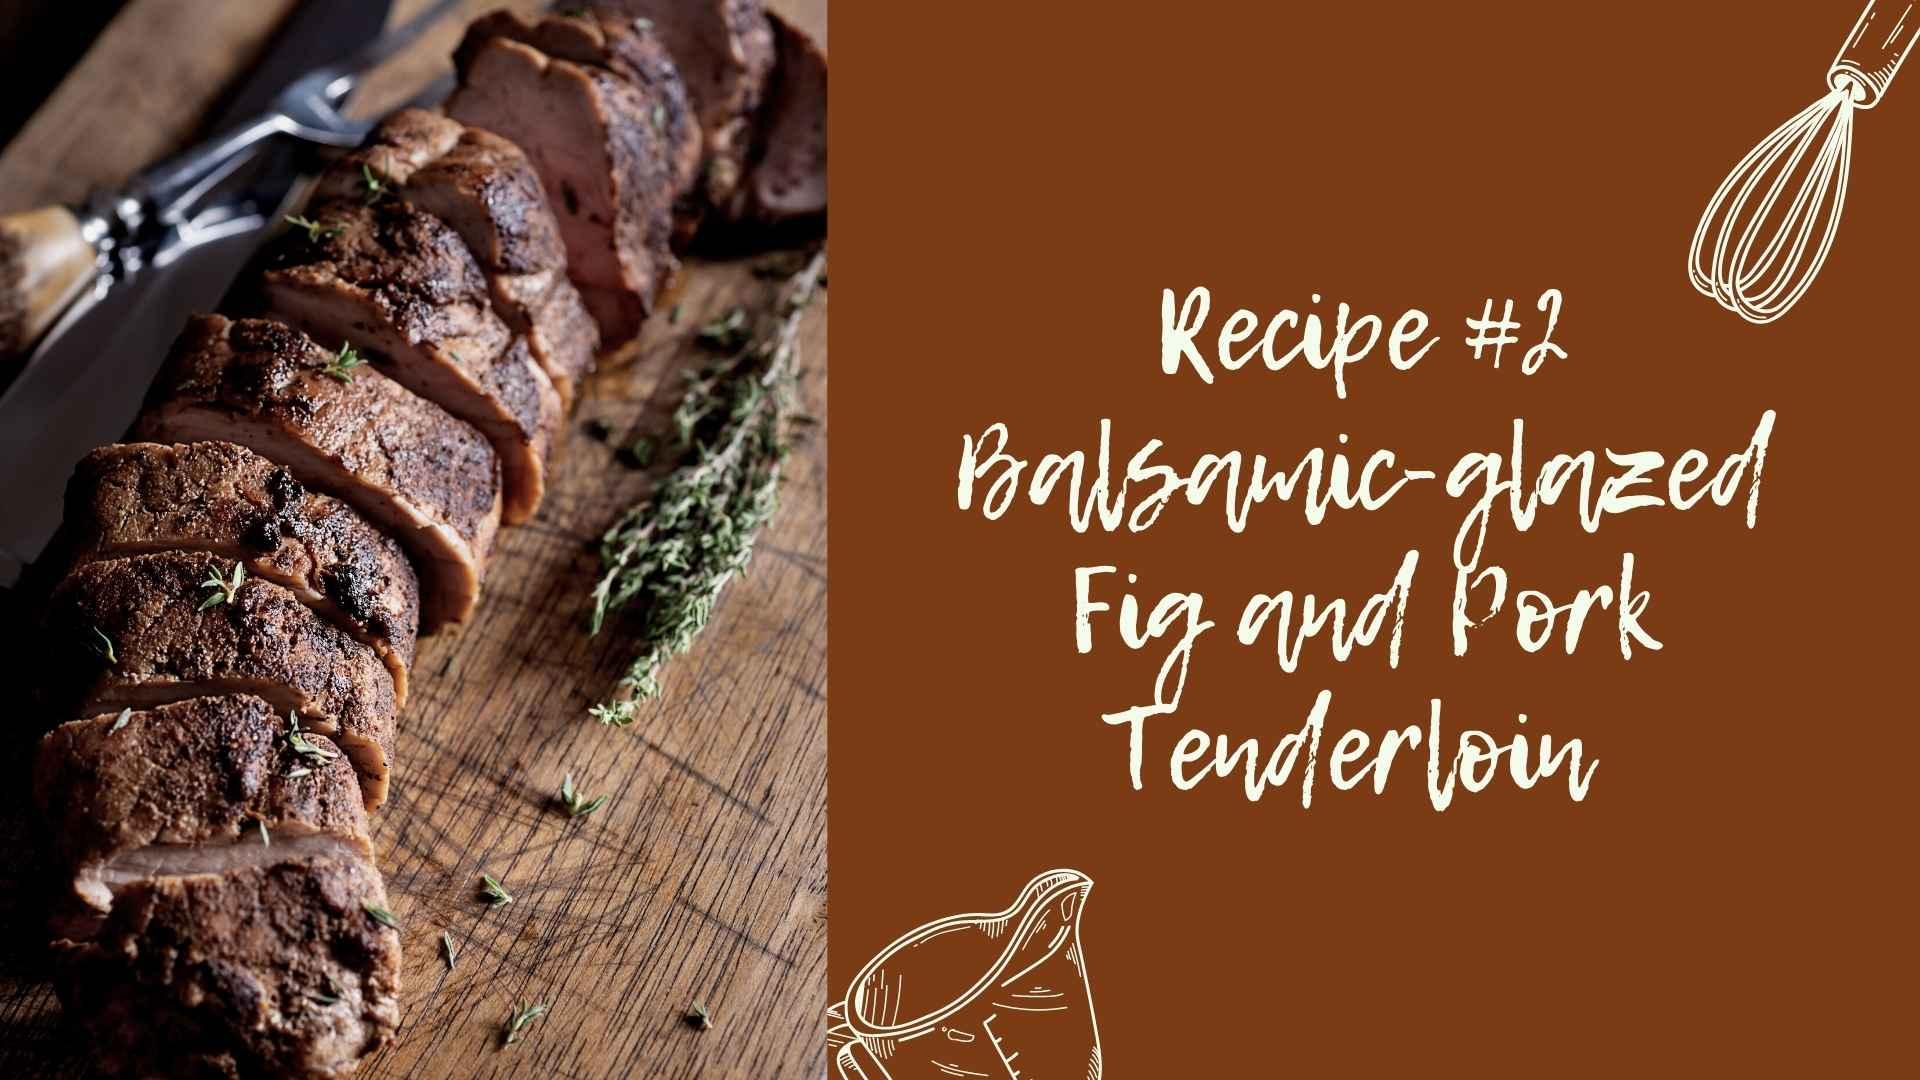 Recipe #2 Balsamic-glazed Fig and Pork Tenderloin